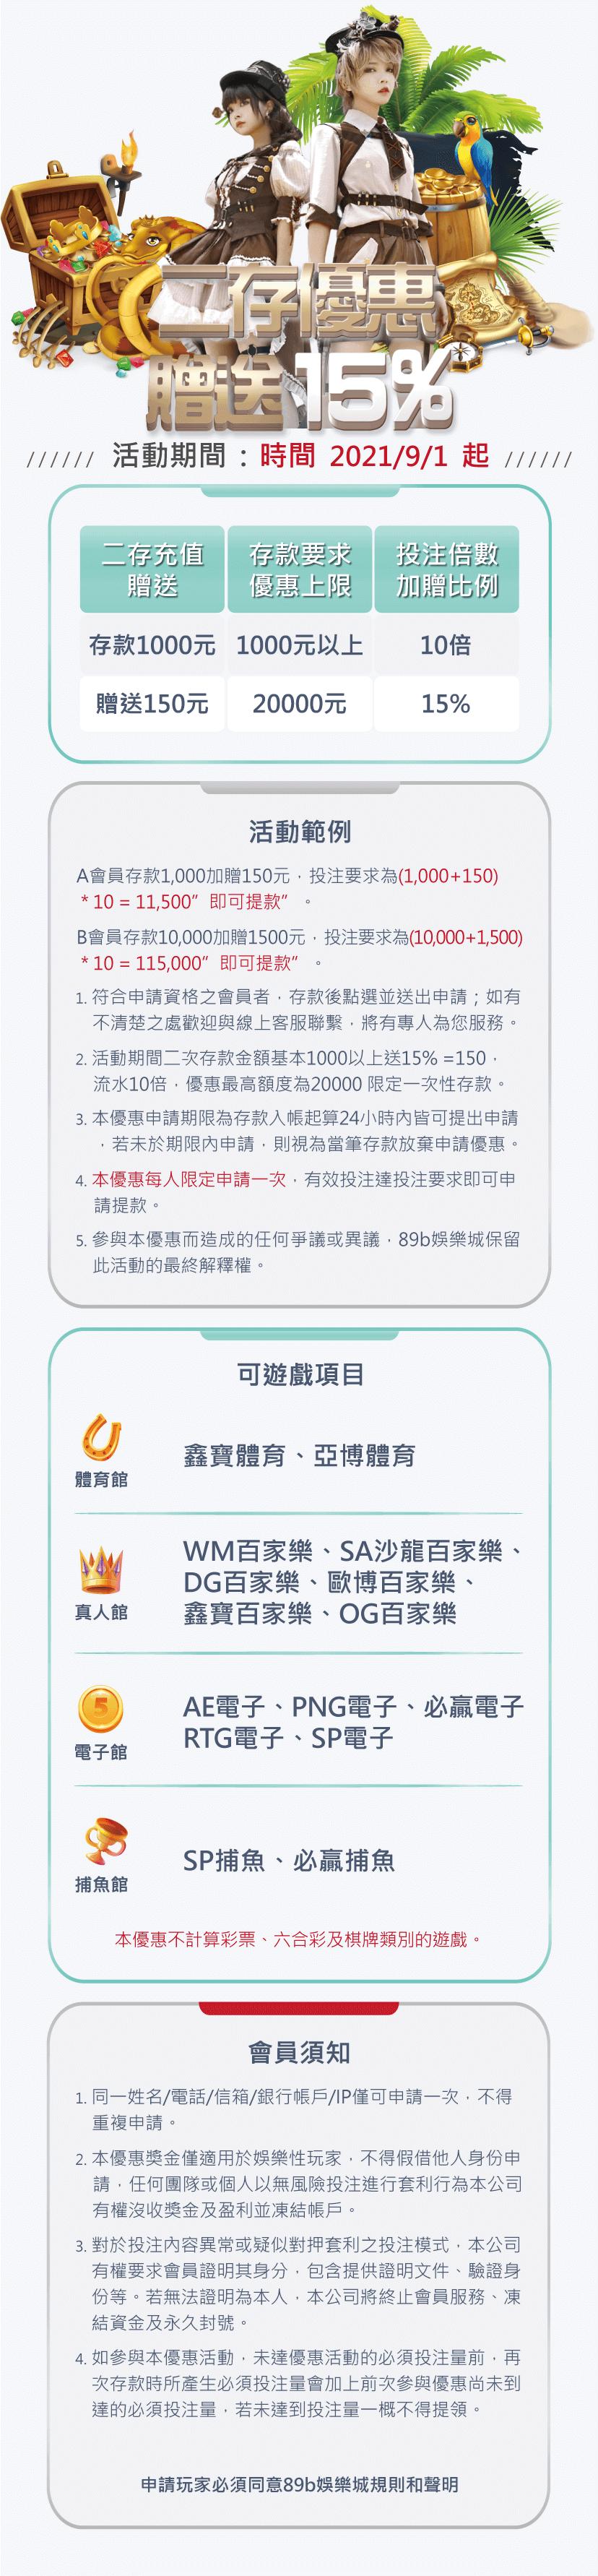 二次存款送15%,最高優惠2萬 89博娛樂城